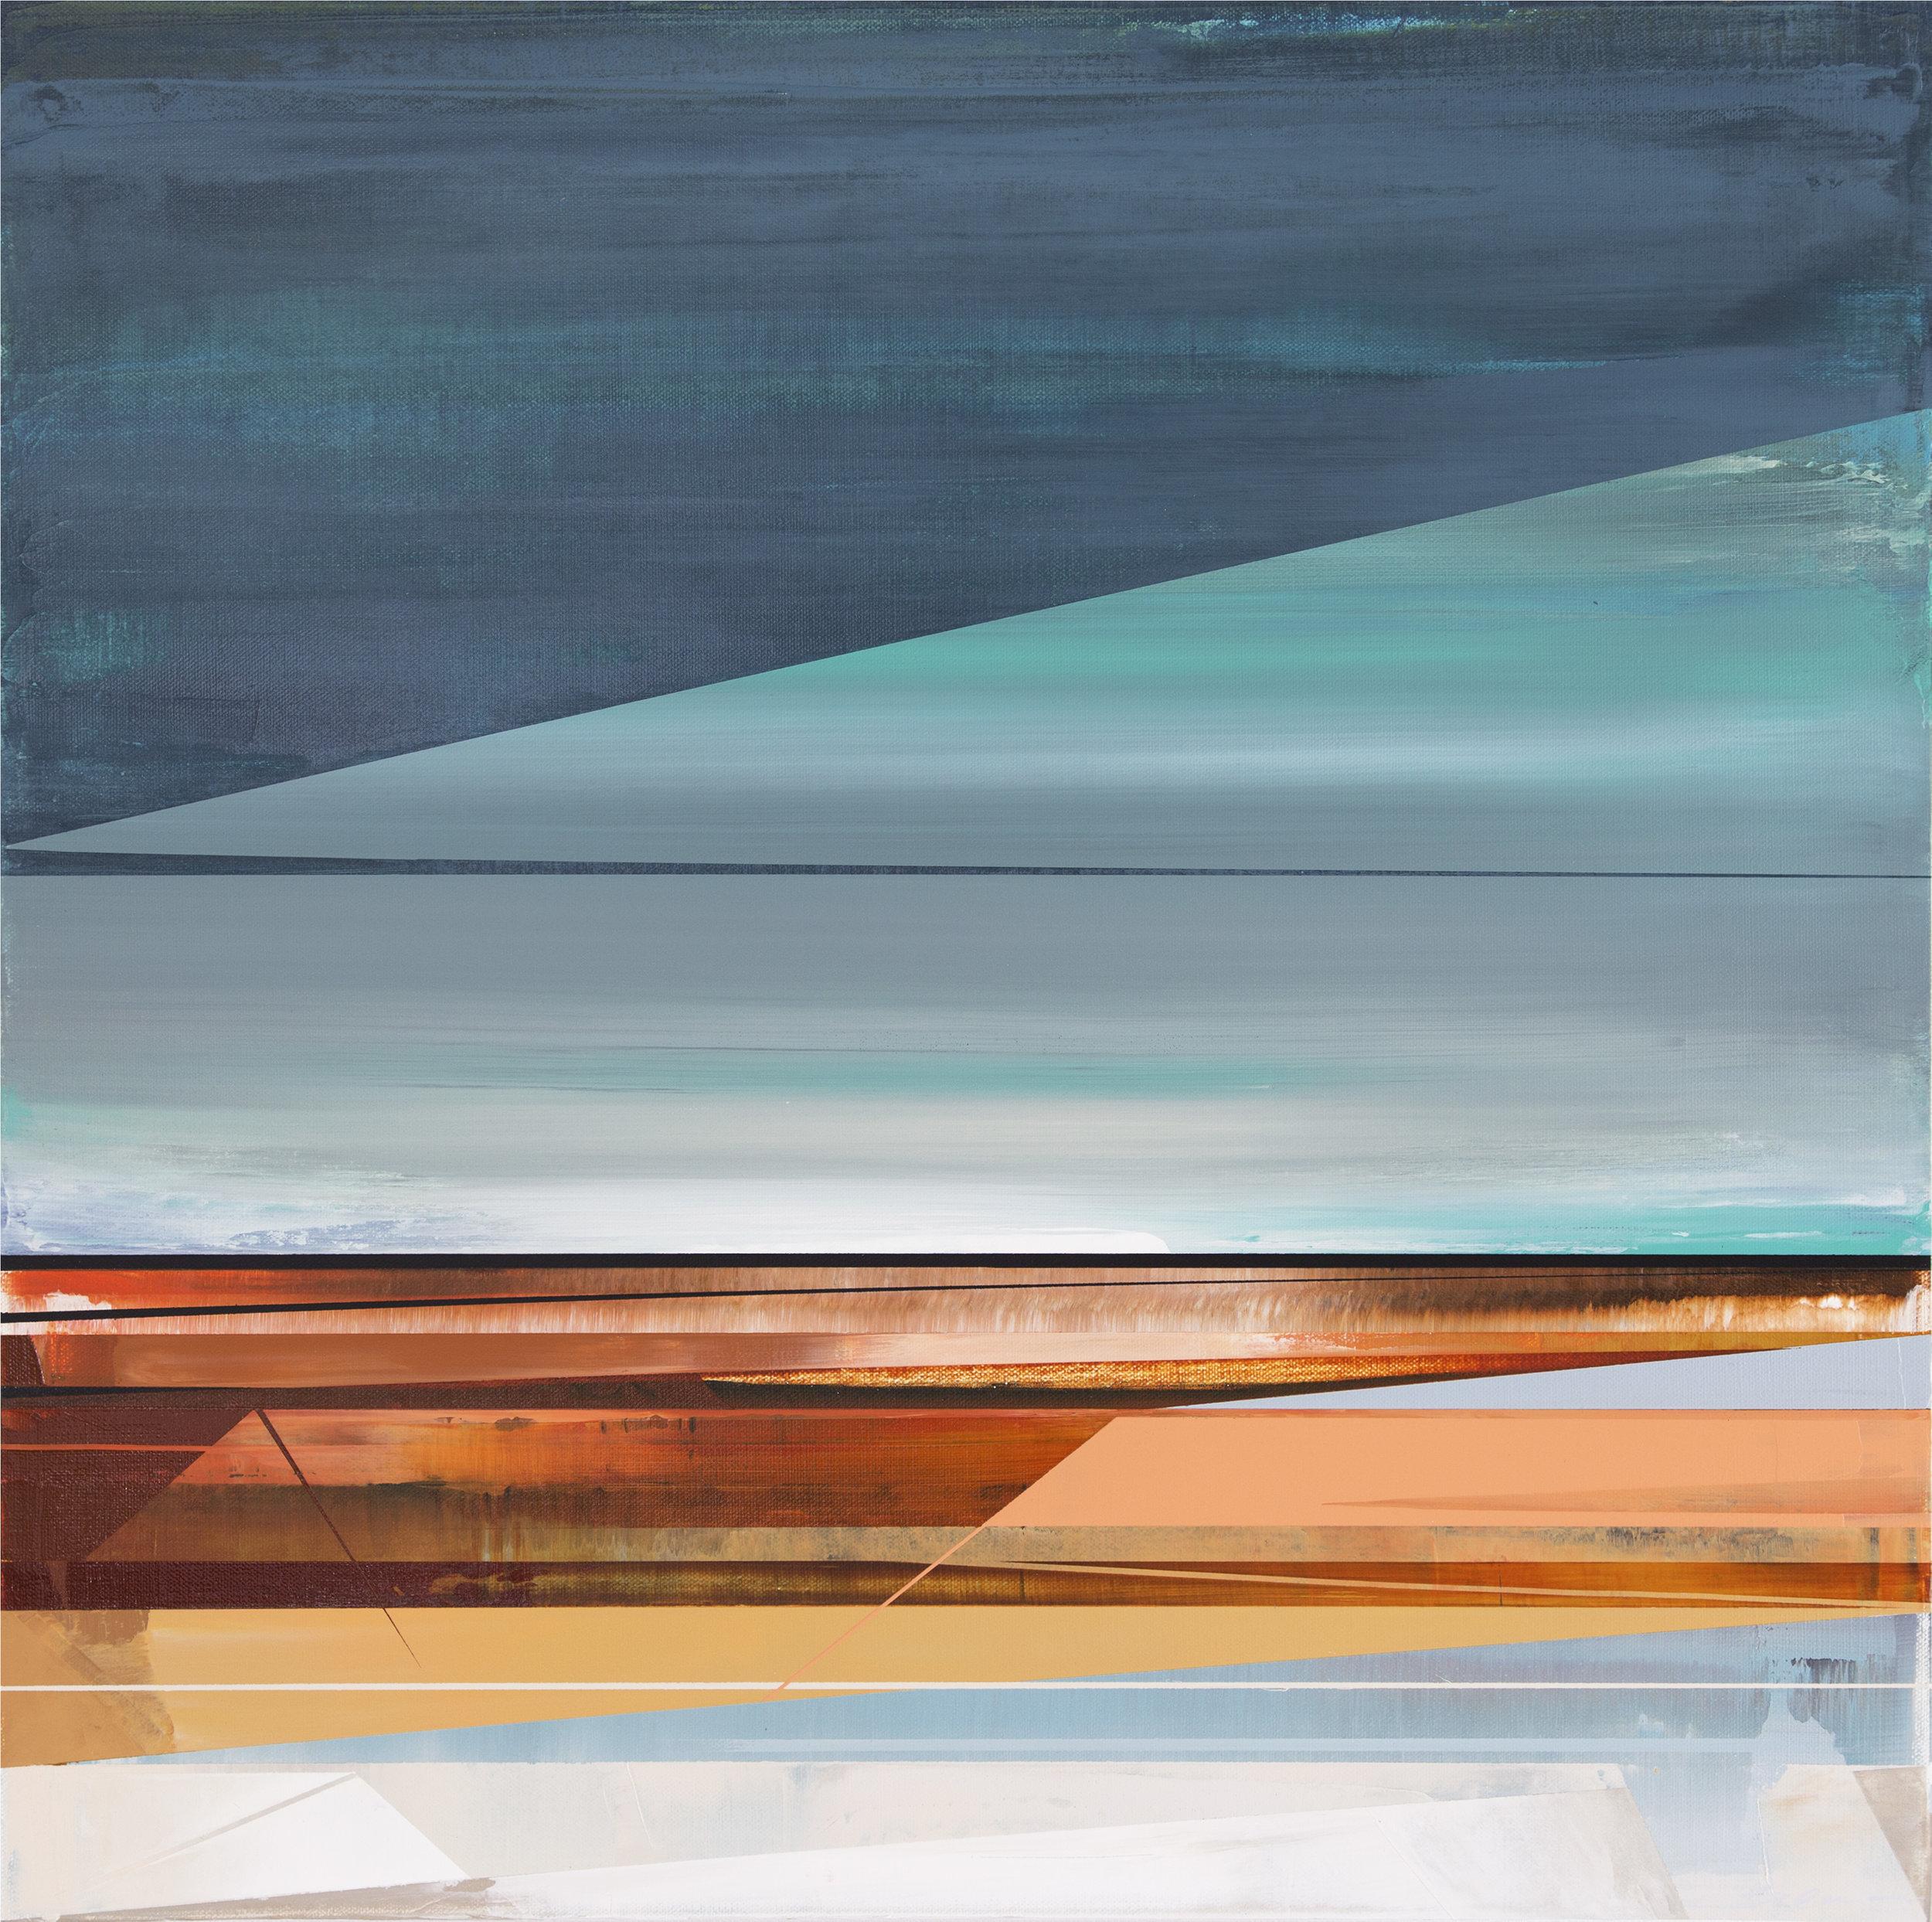 Micah Crandall-Bear, b.1980 (USA)  Title: Domain III  Dimension: 60.96 x 60.96 cm  Year: 2017